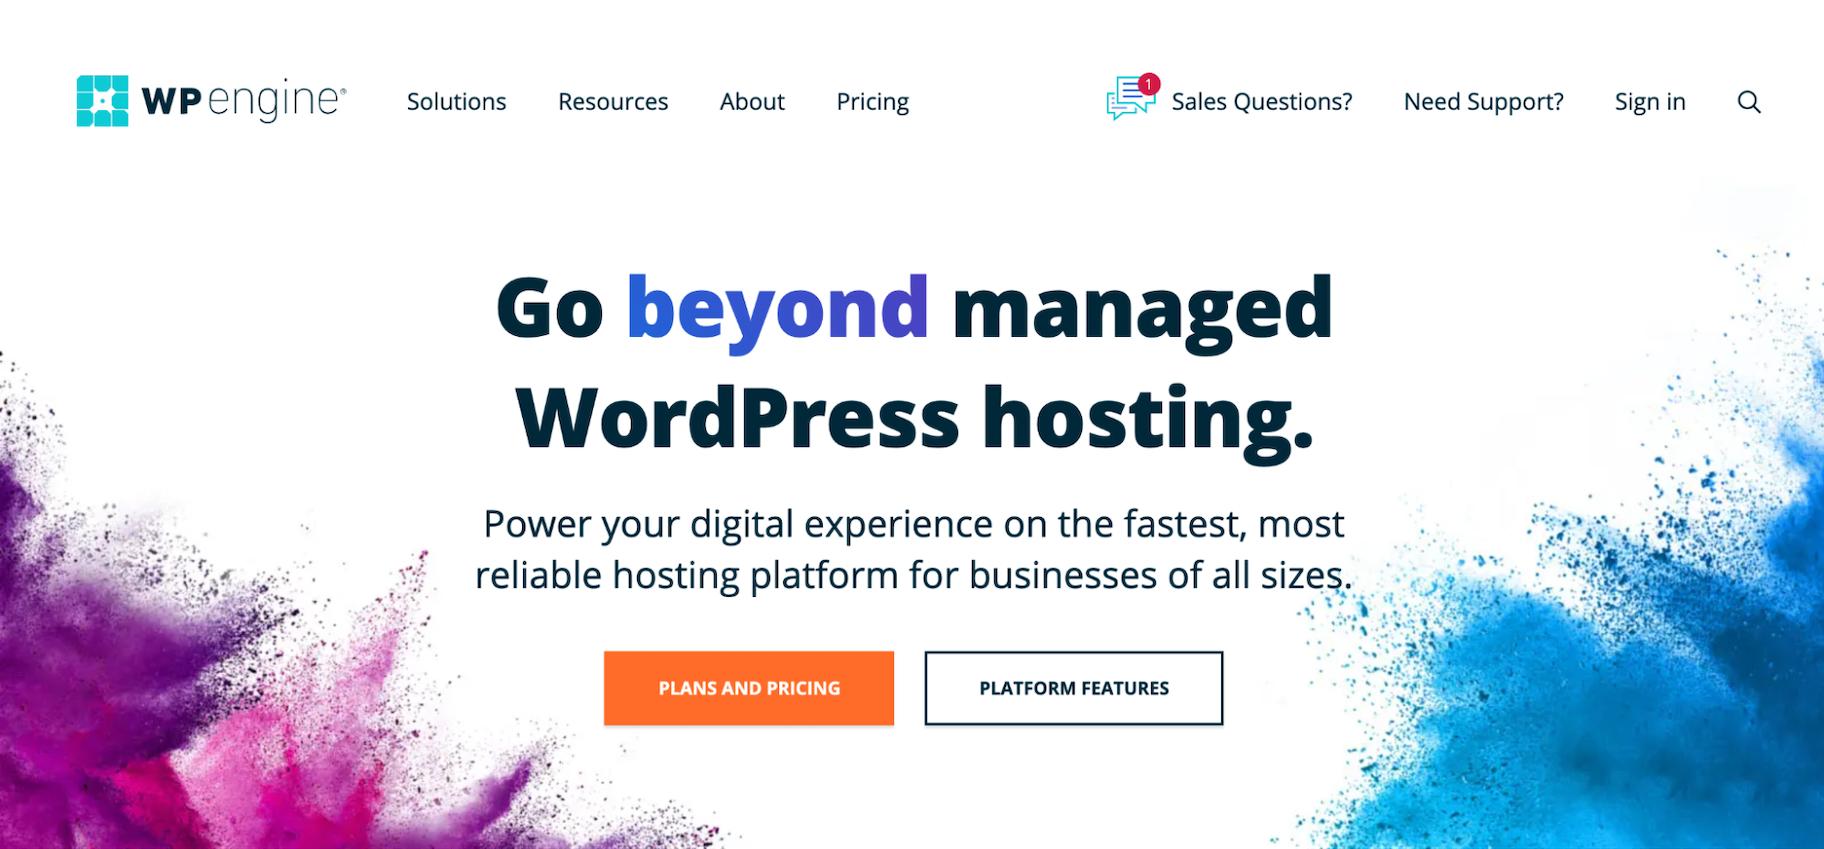 Websites Like GoDaddy: WP Engine